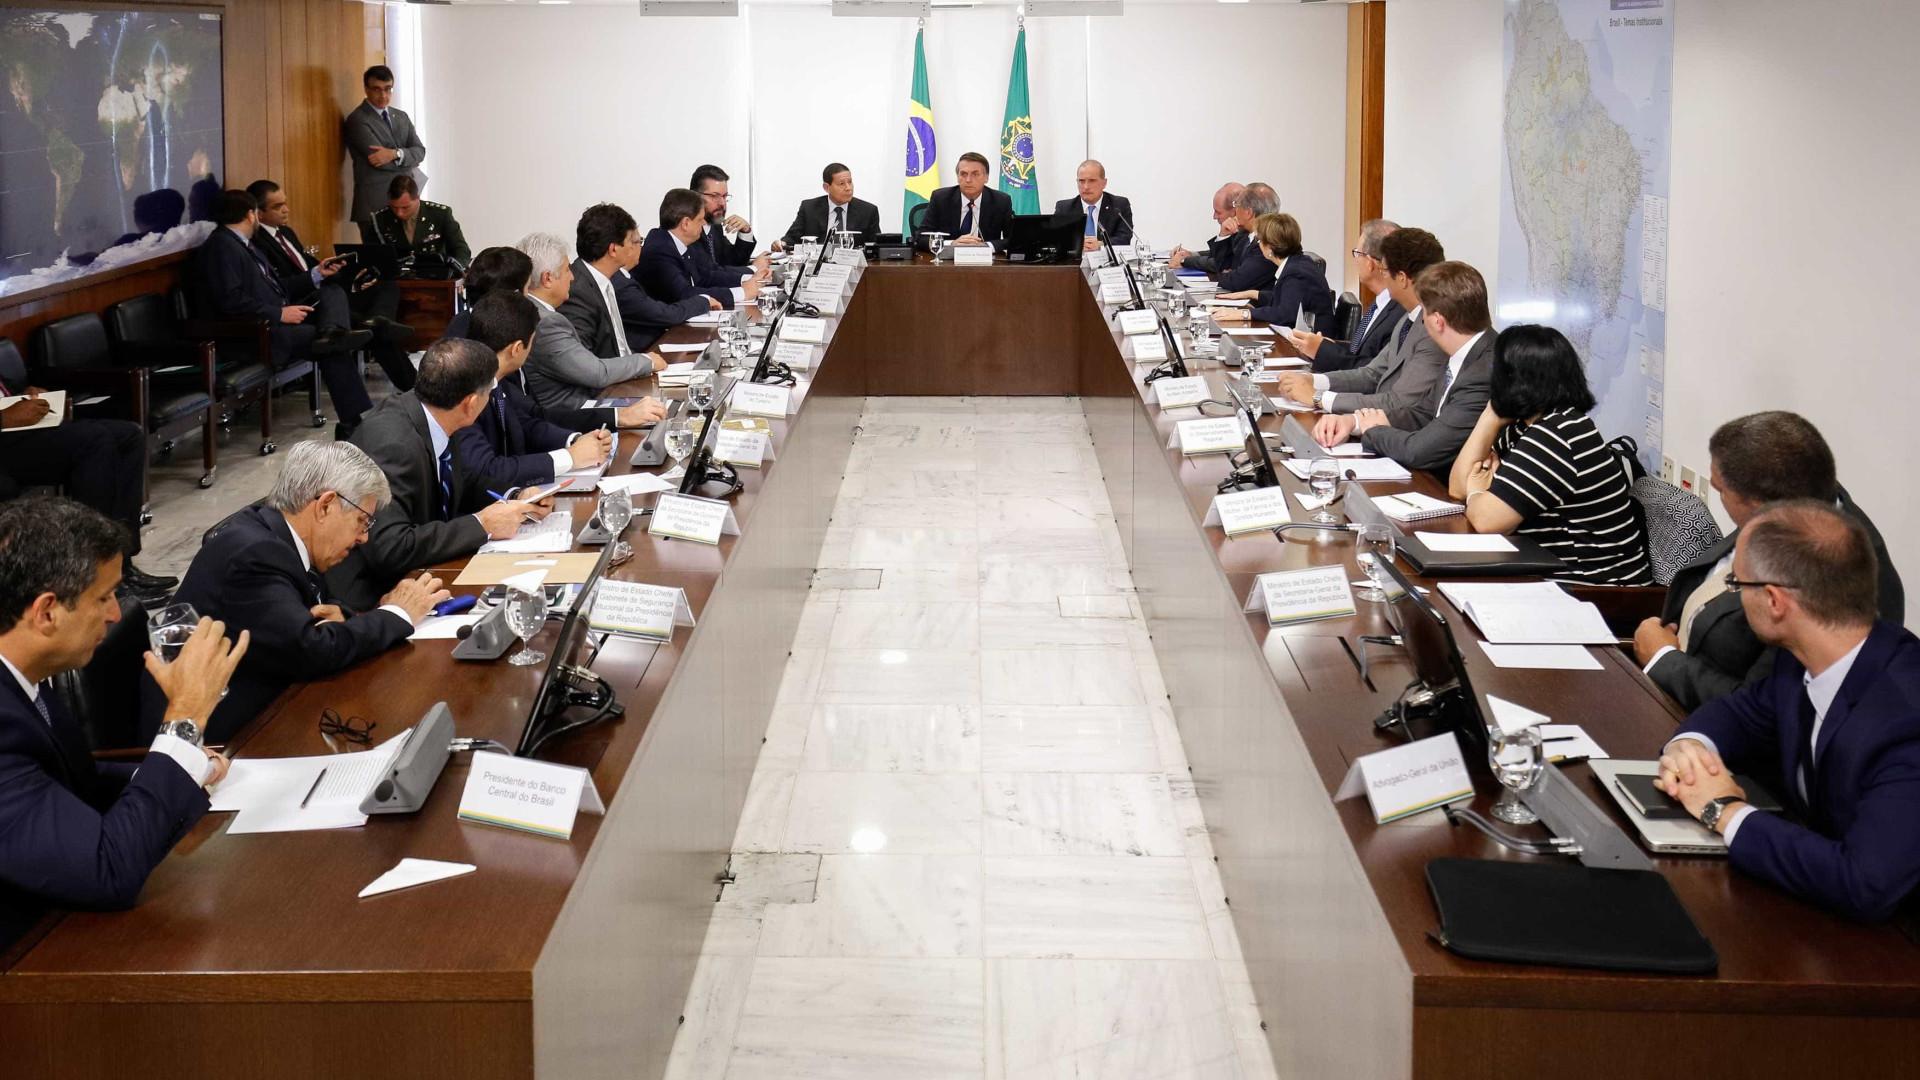 Segunda reunião ministerial termina após quase três horas